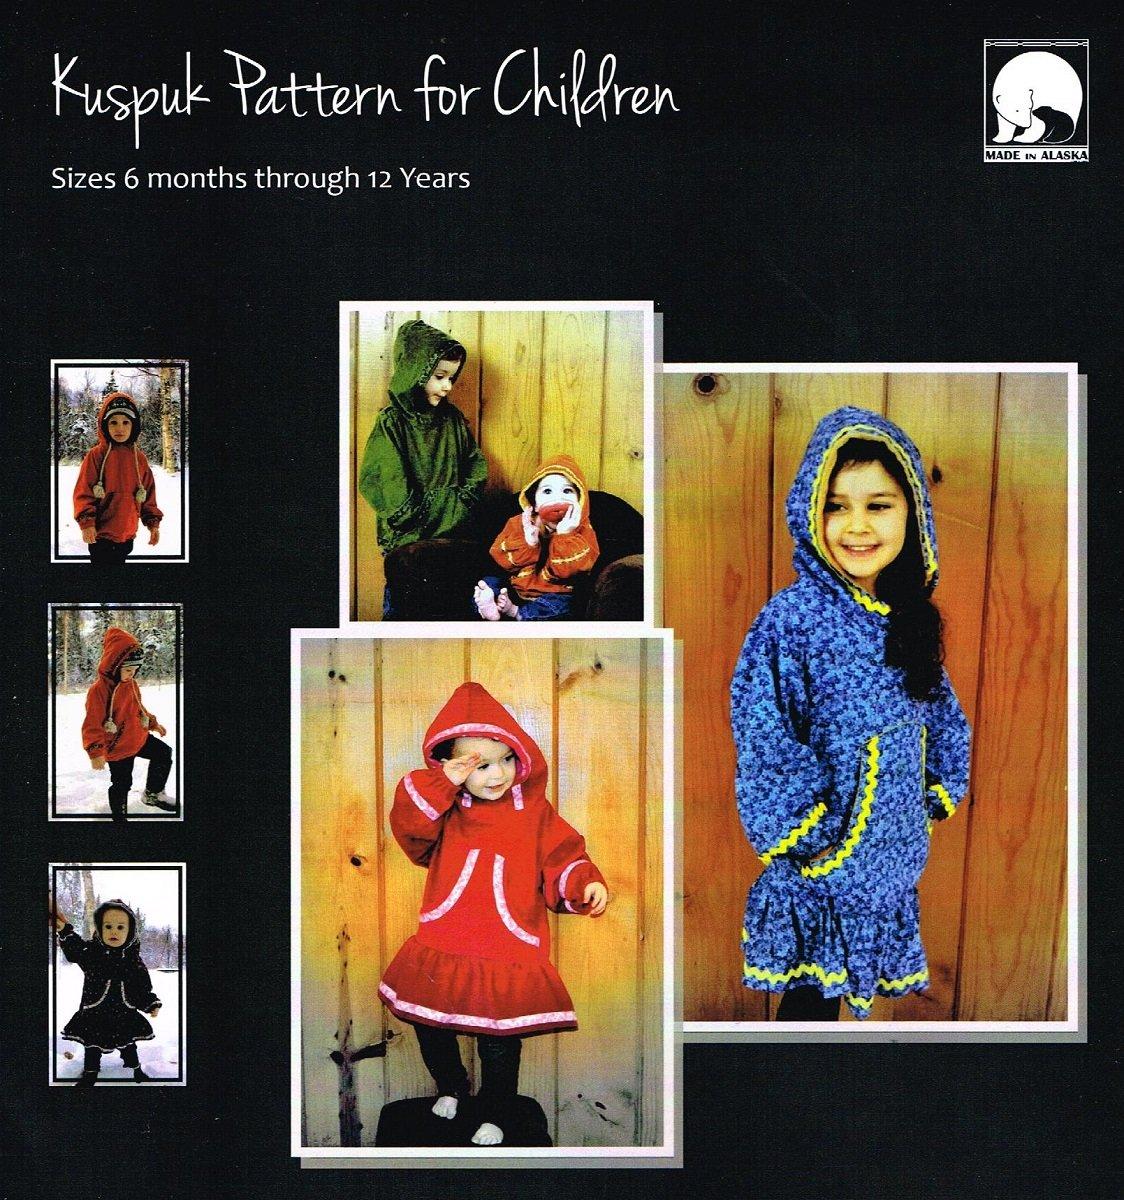 Child Size Kuspuk Pattern